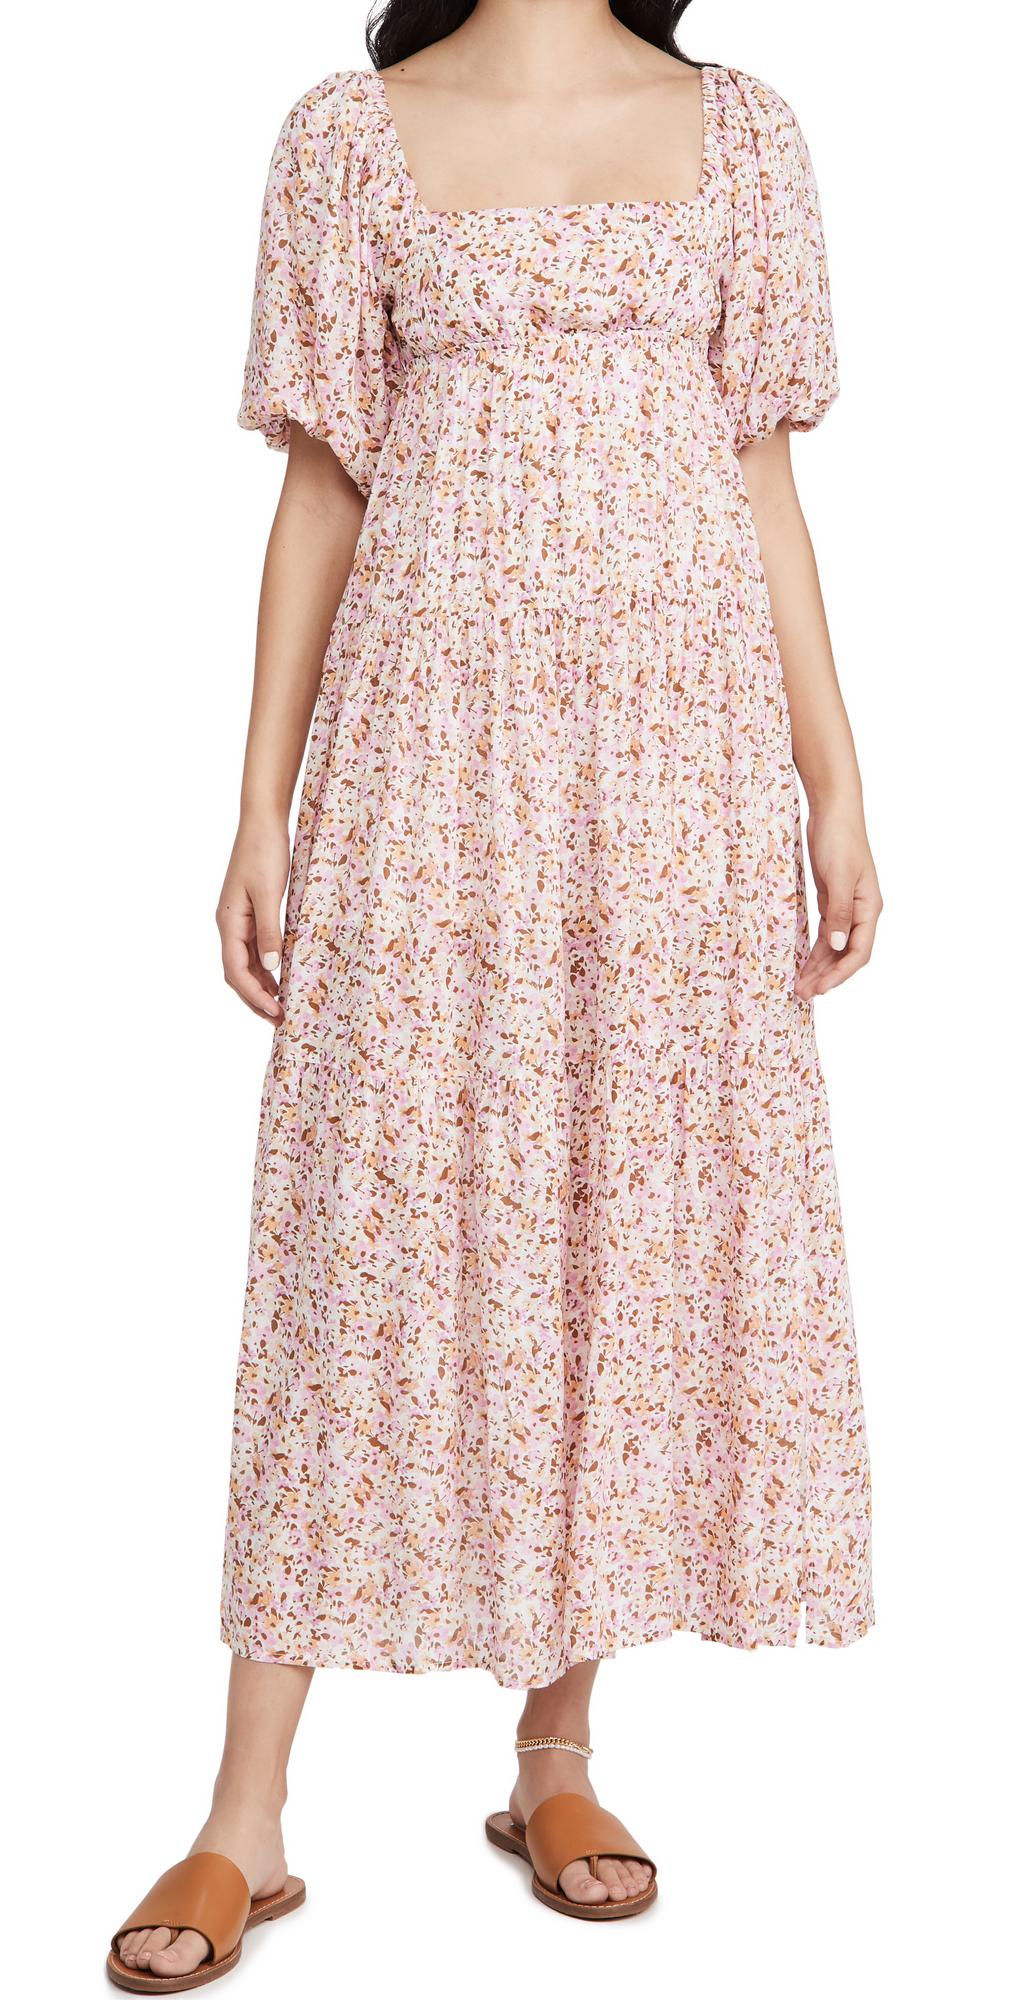 MINKPINK Delphine Midi Dress